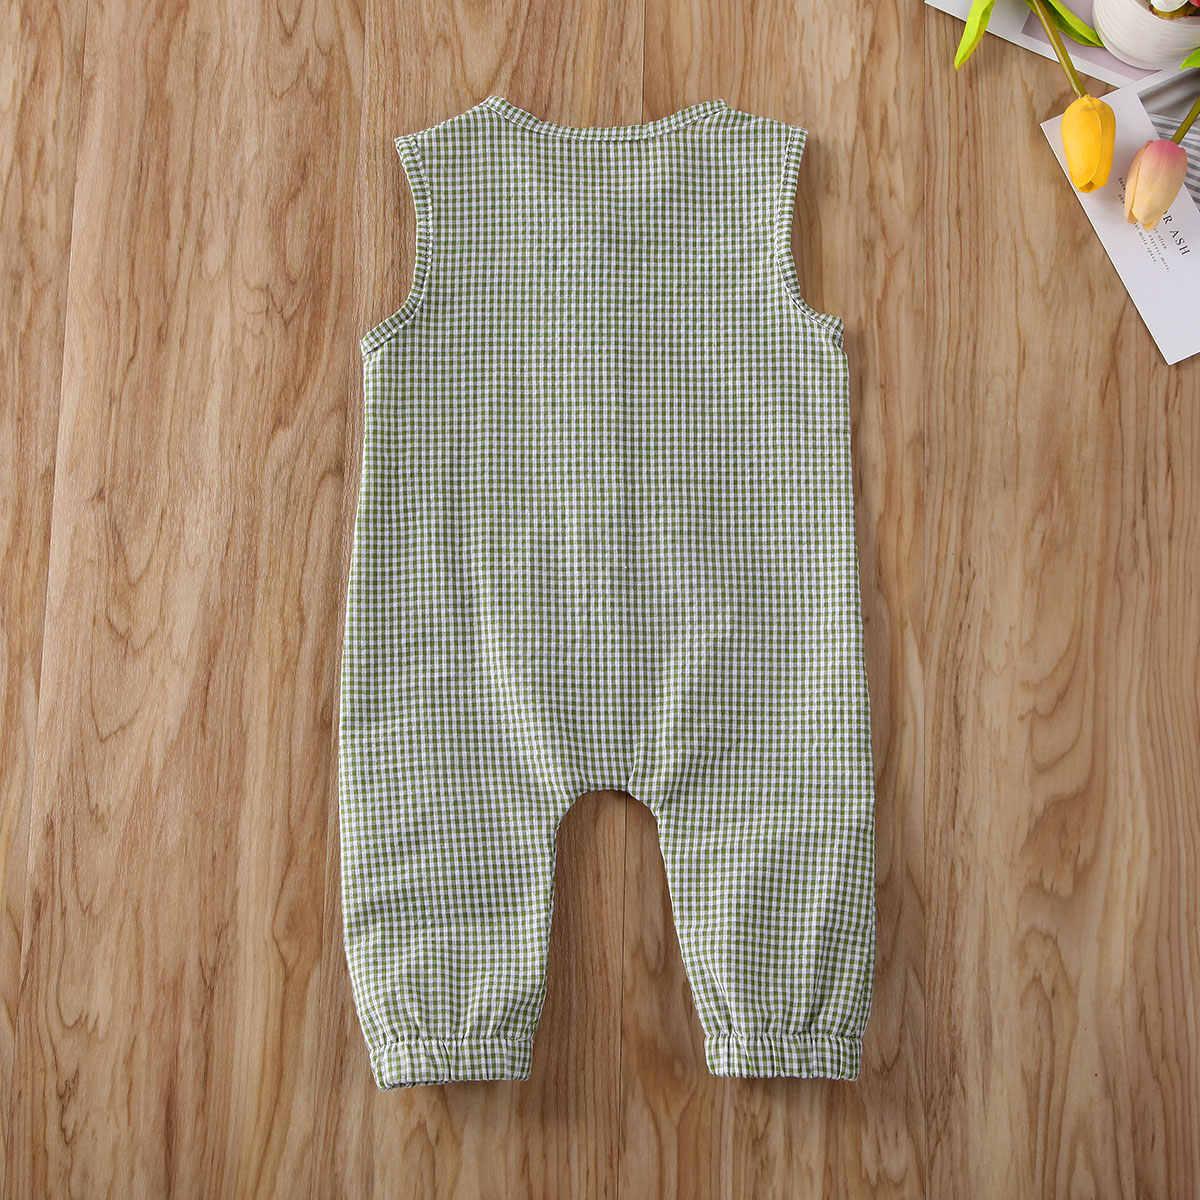 2020 ropa de verano para bebés recién nacidos, ropa para bebés, sin mangas, mono, mono, trajes casuales en general